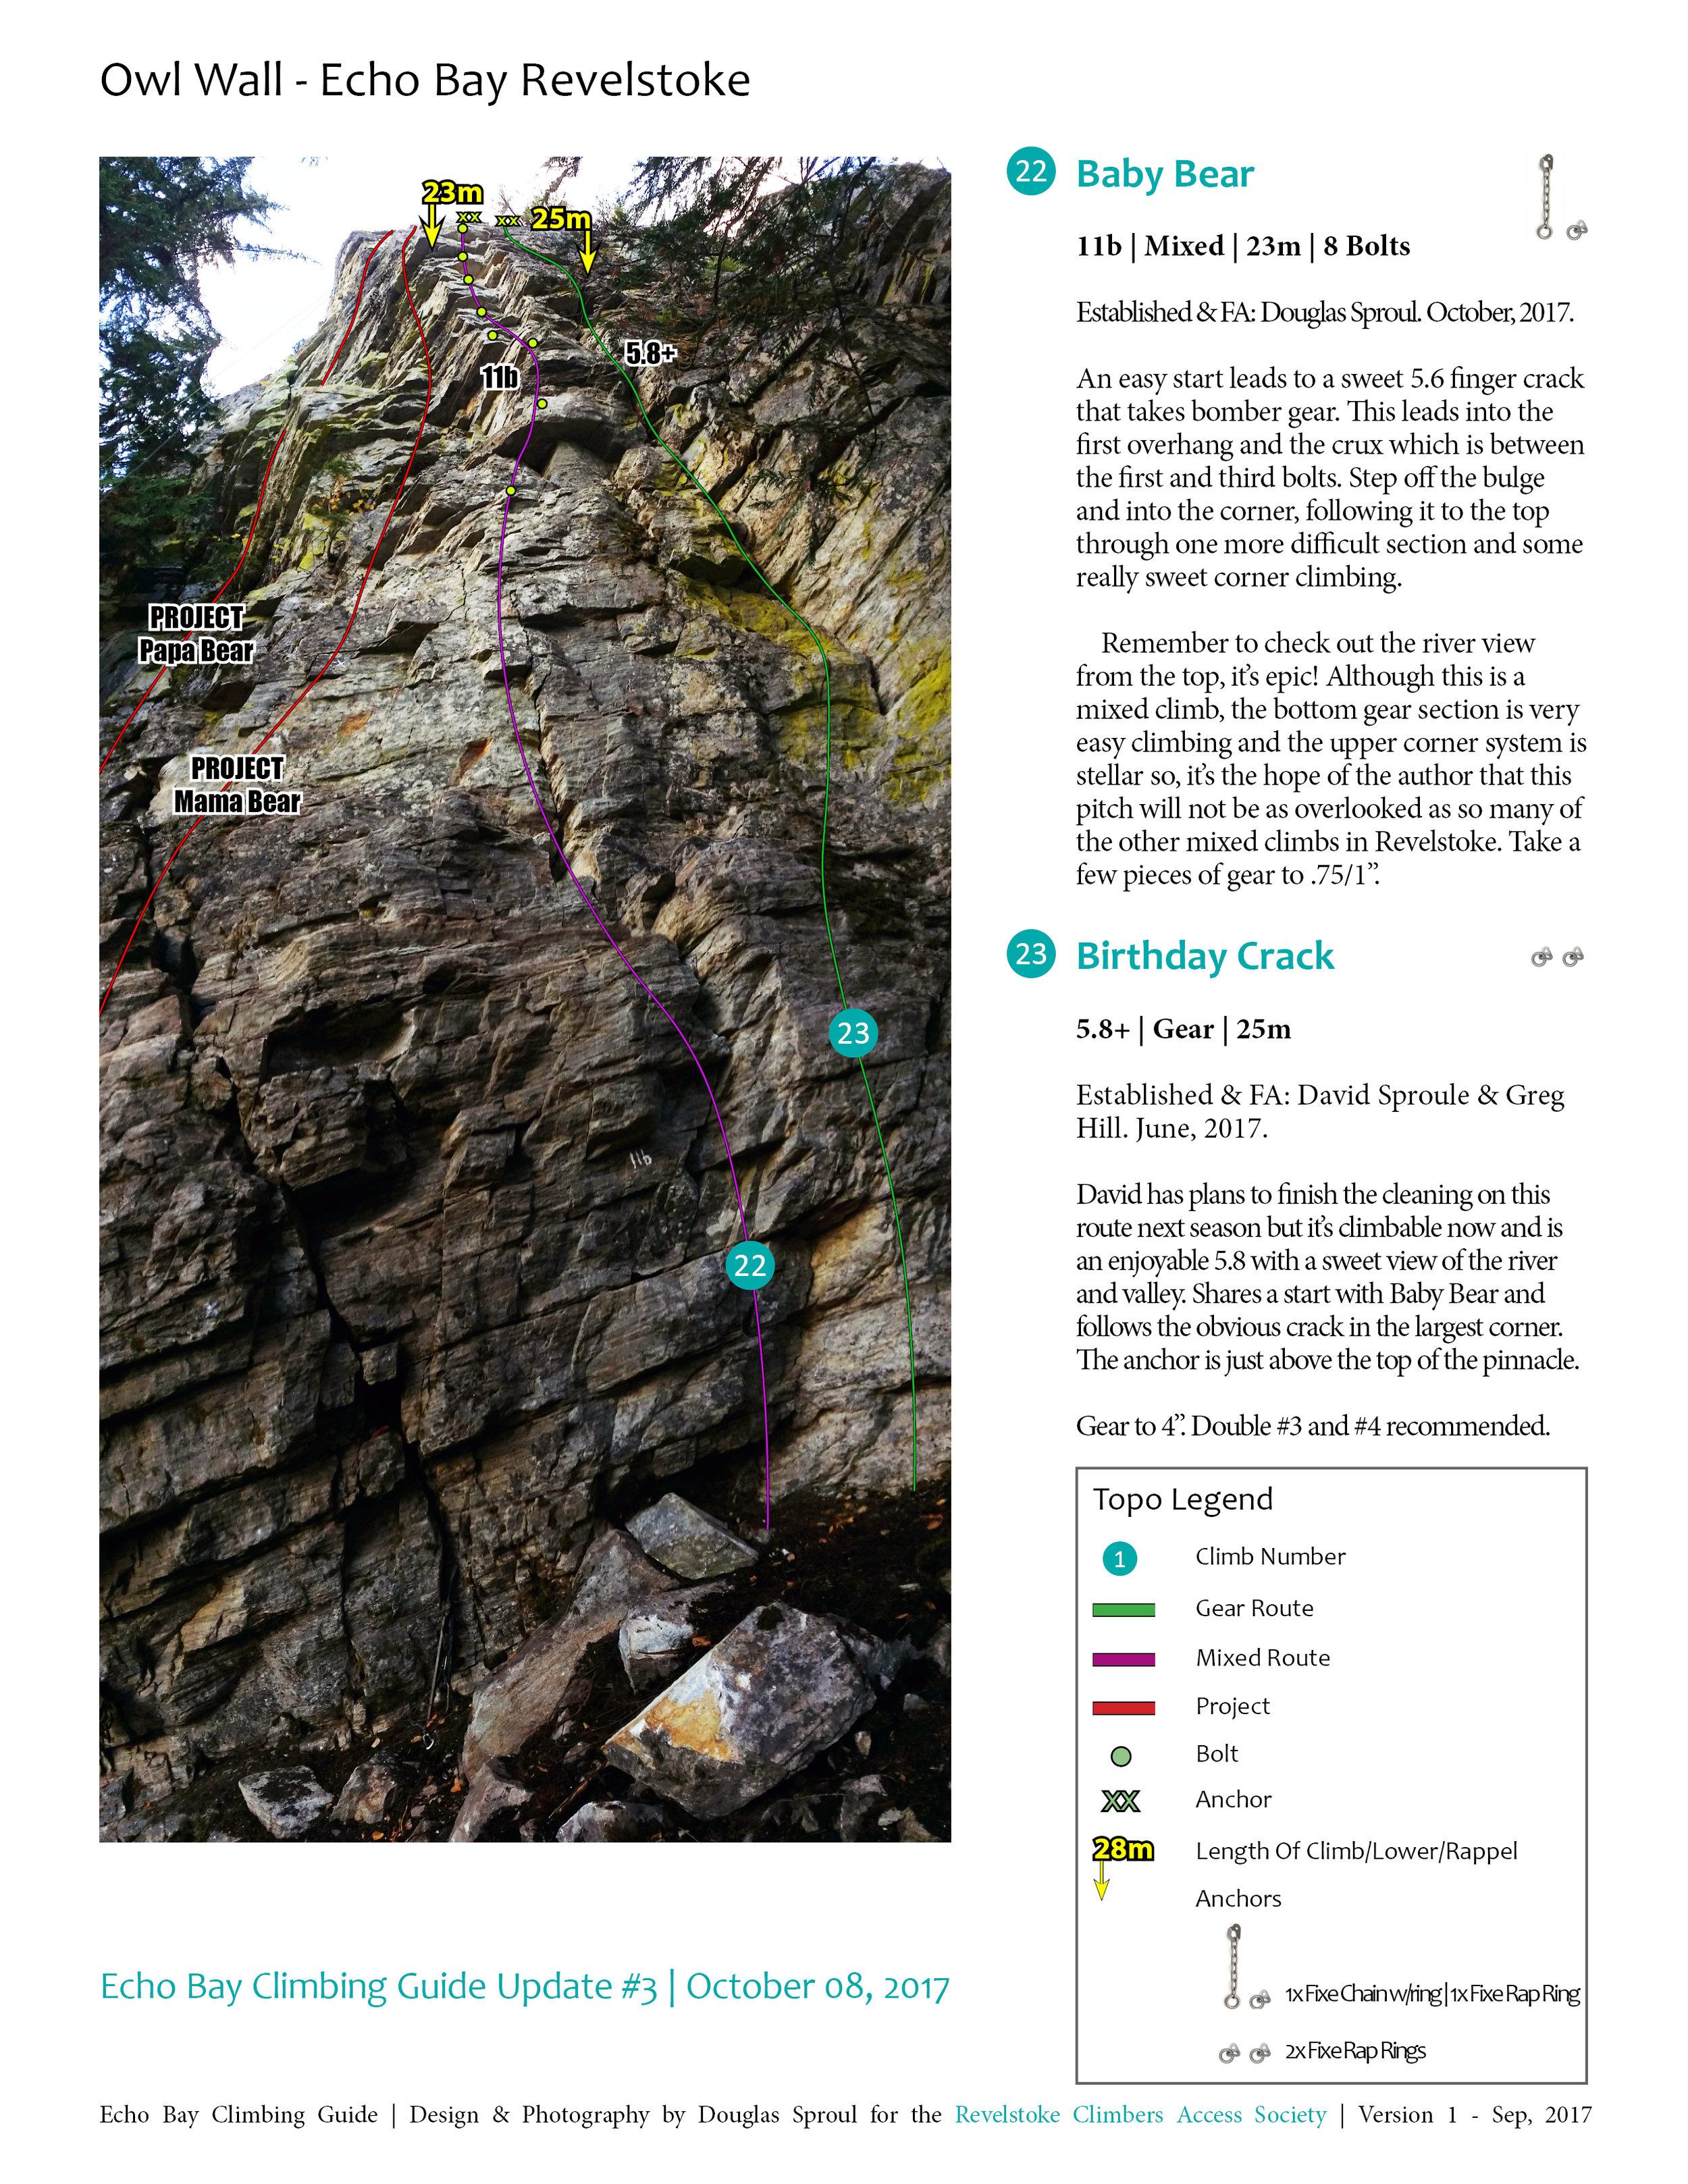 Echo Bay Revelstoke - Update 3 - Owl Wall.jpg